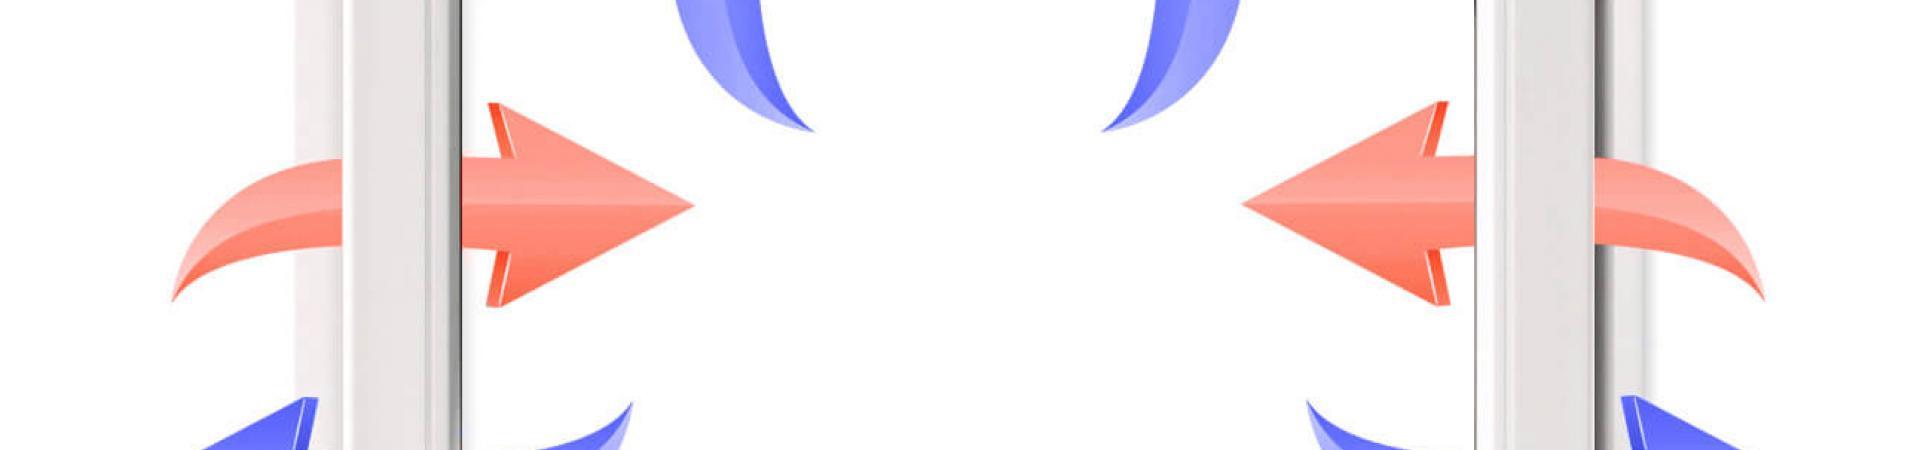 Full Size of Weru Fenster Preise Berechnen Preisvergleich Dreifachverglasung Afino One Preis Castello Preisliste Lftungshilfen Von Gmbh Rolladen Kbe Rollos Ohne Bohren Fenster Weru Fenster Preise